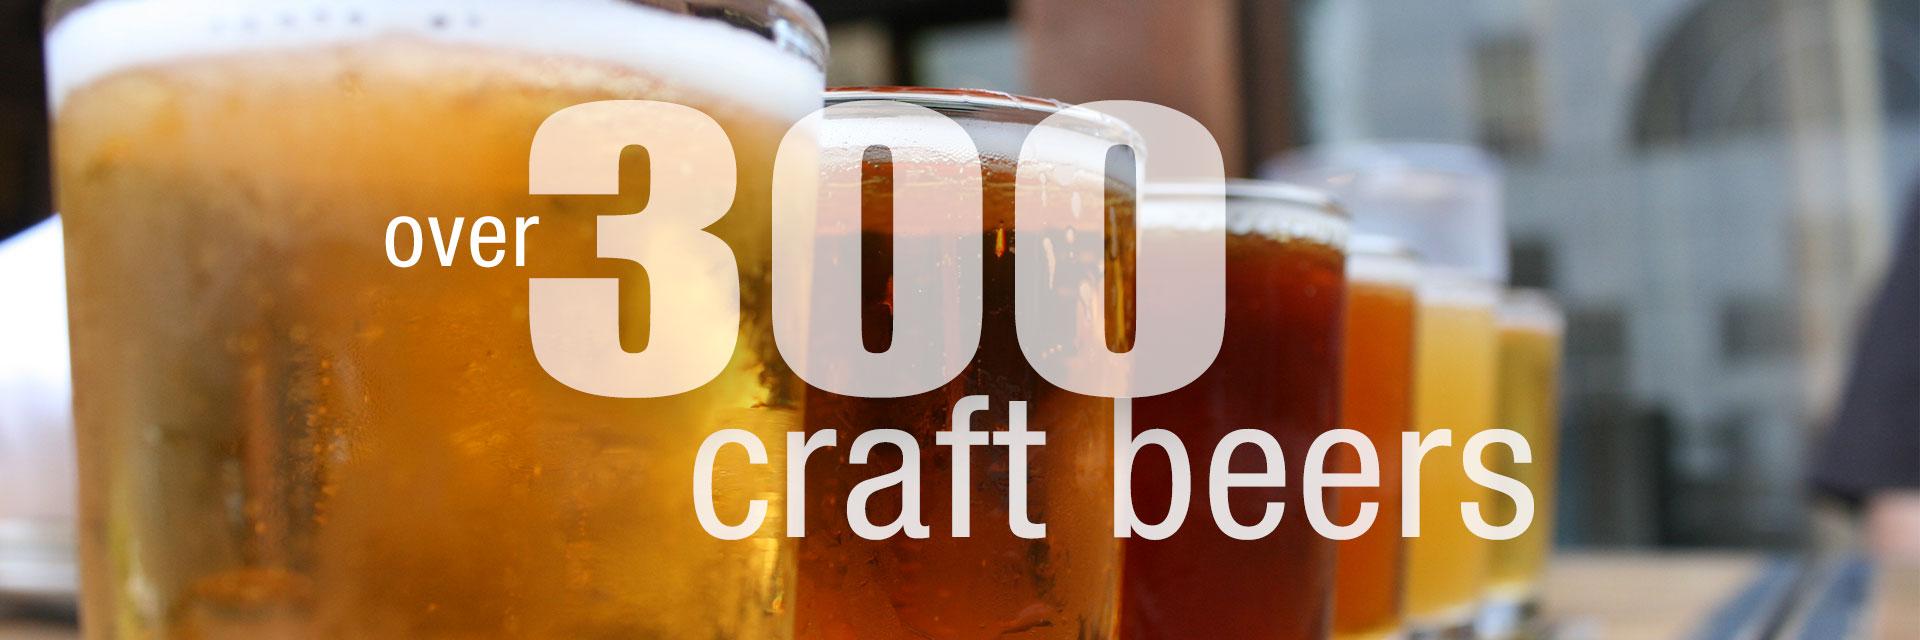 Over 300 Craft Beers